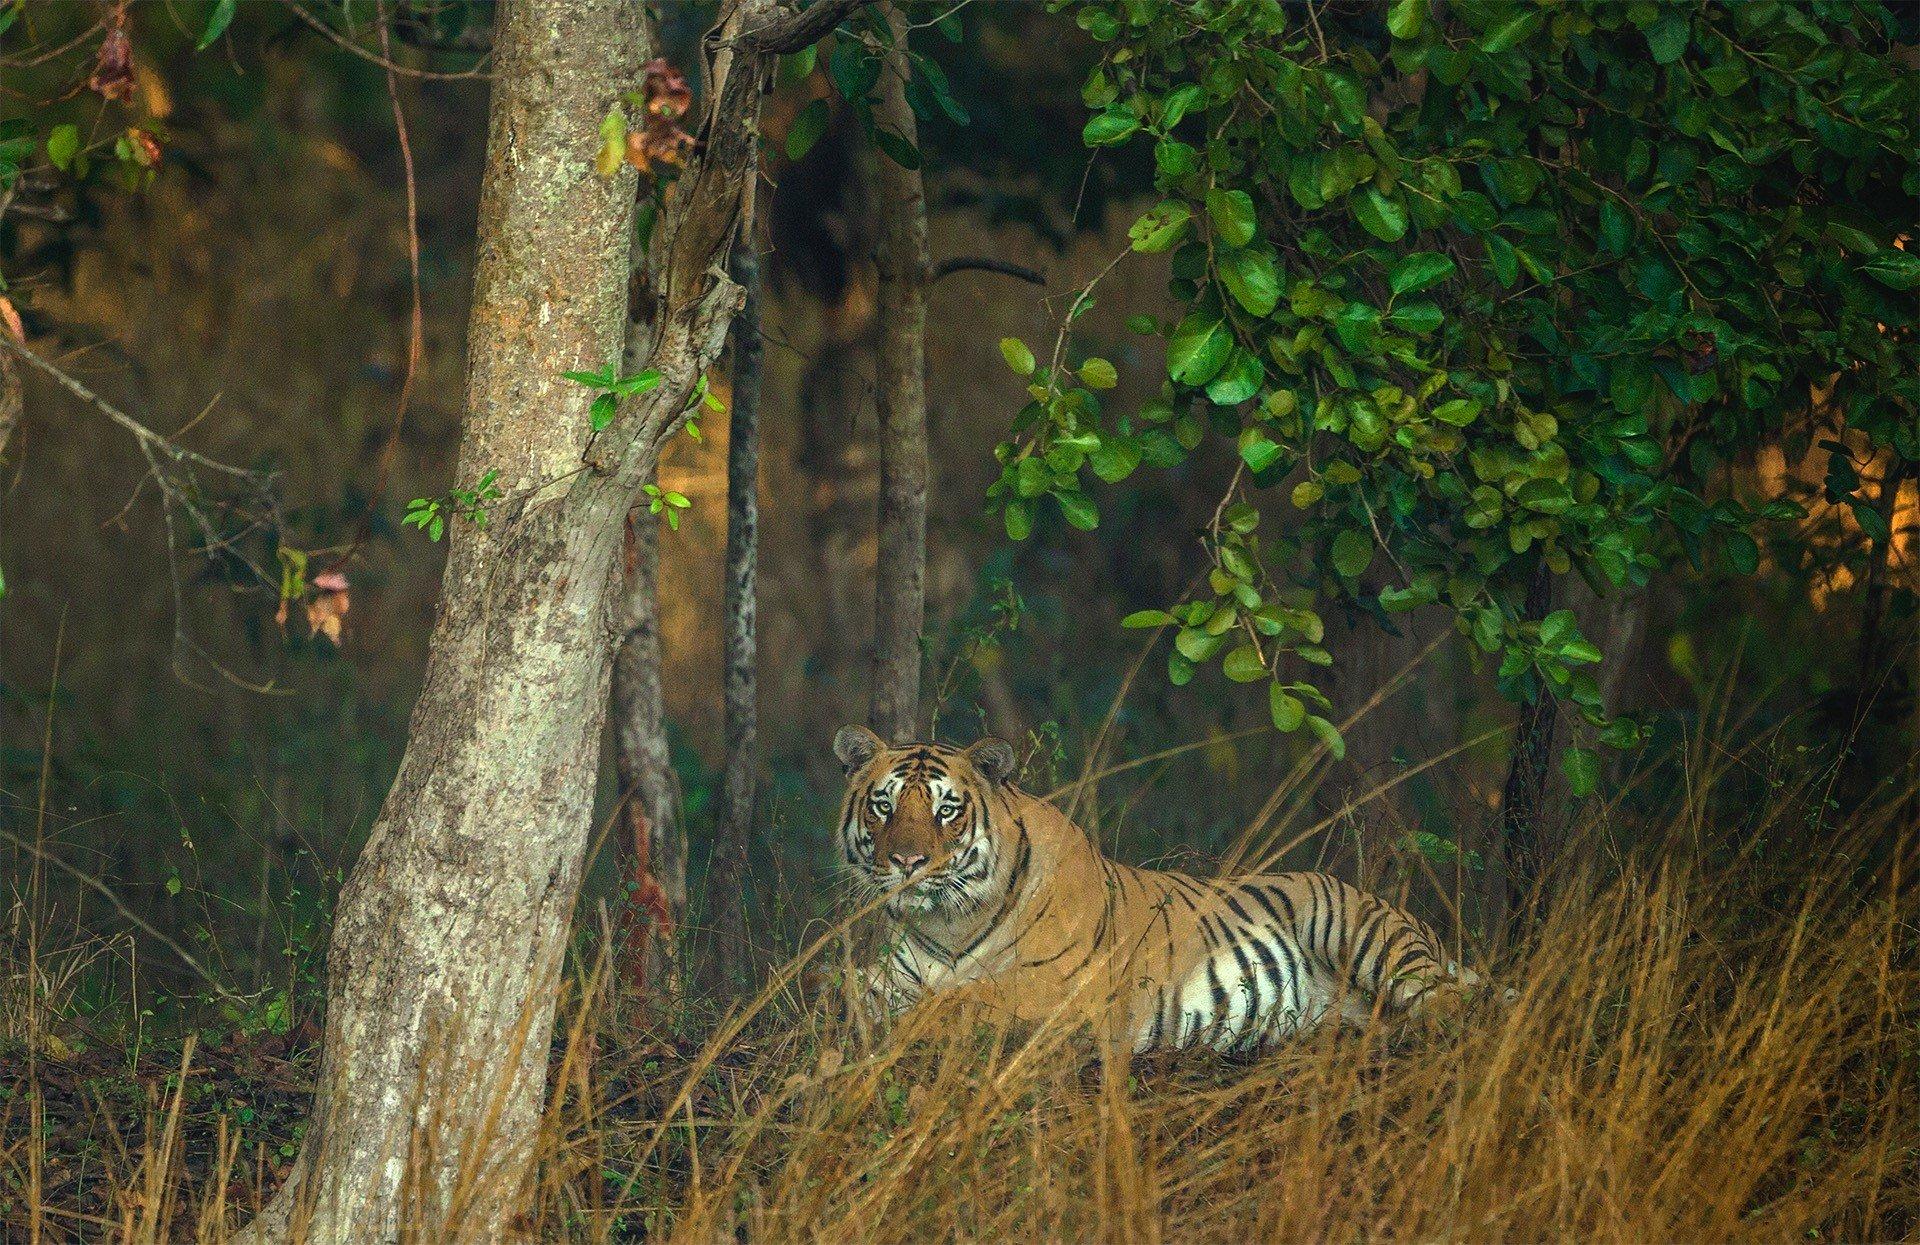 sambhar in Pench National Park